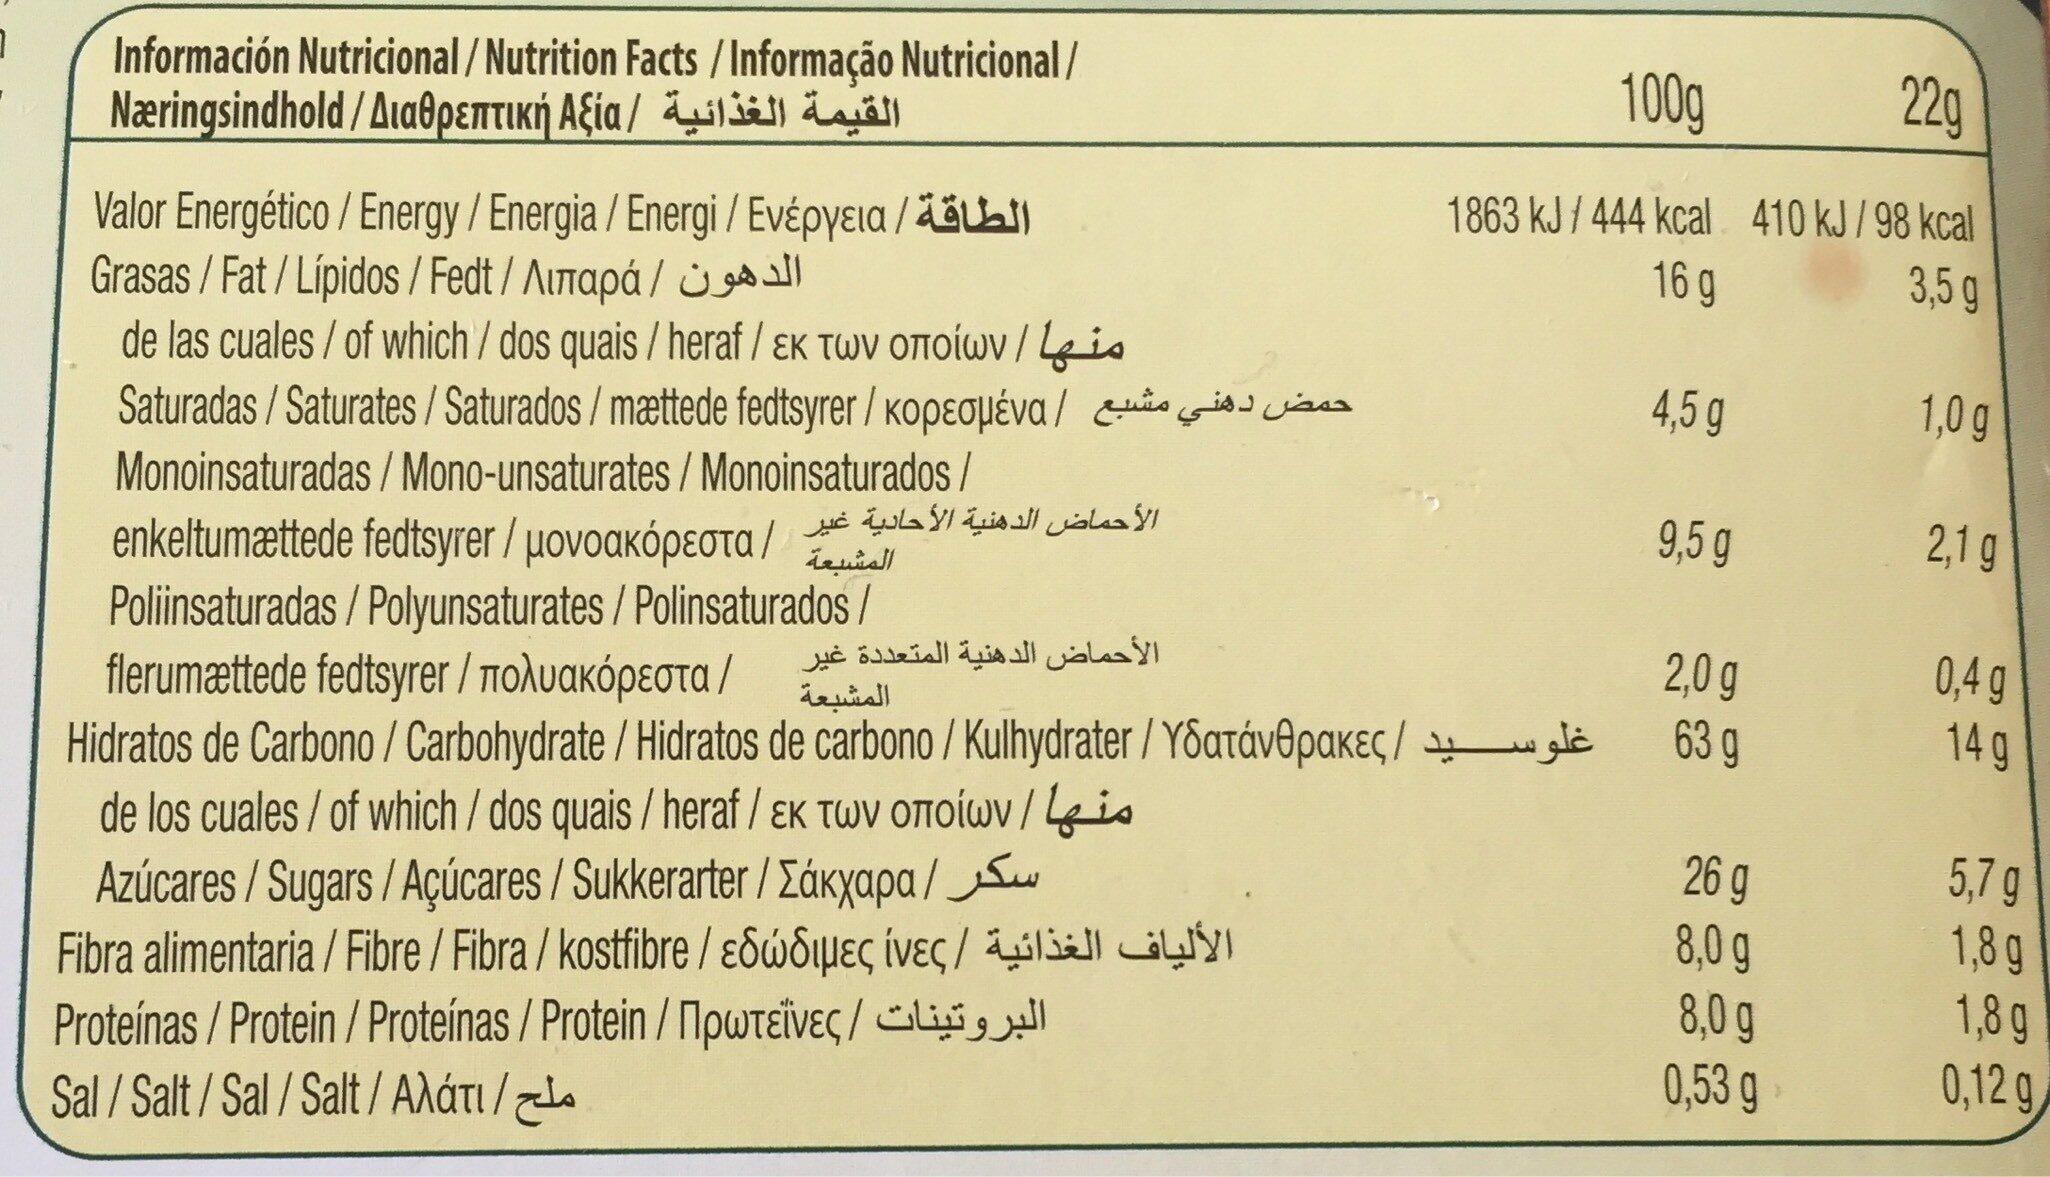 Vitalday sandwich sabor yogurt con avena y frutos rojos - Información nutricional - es